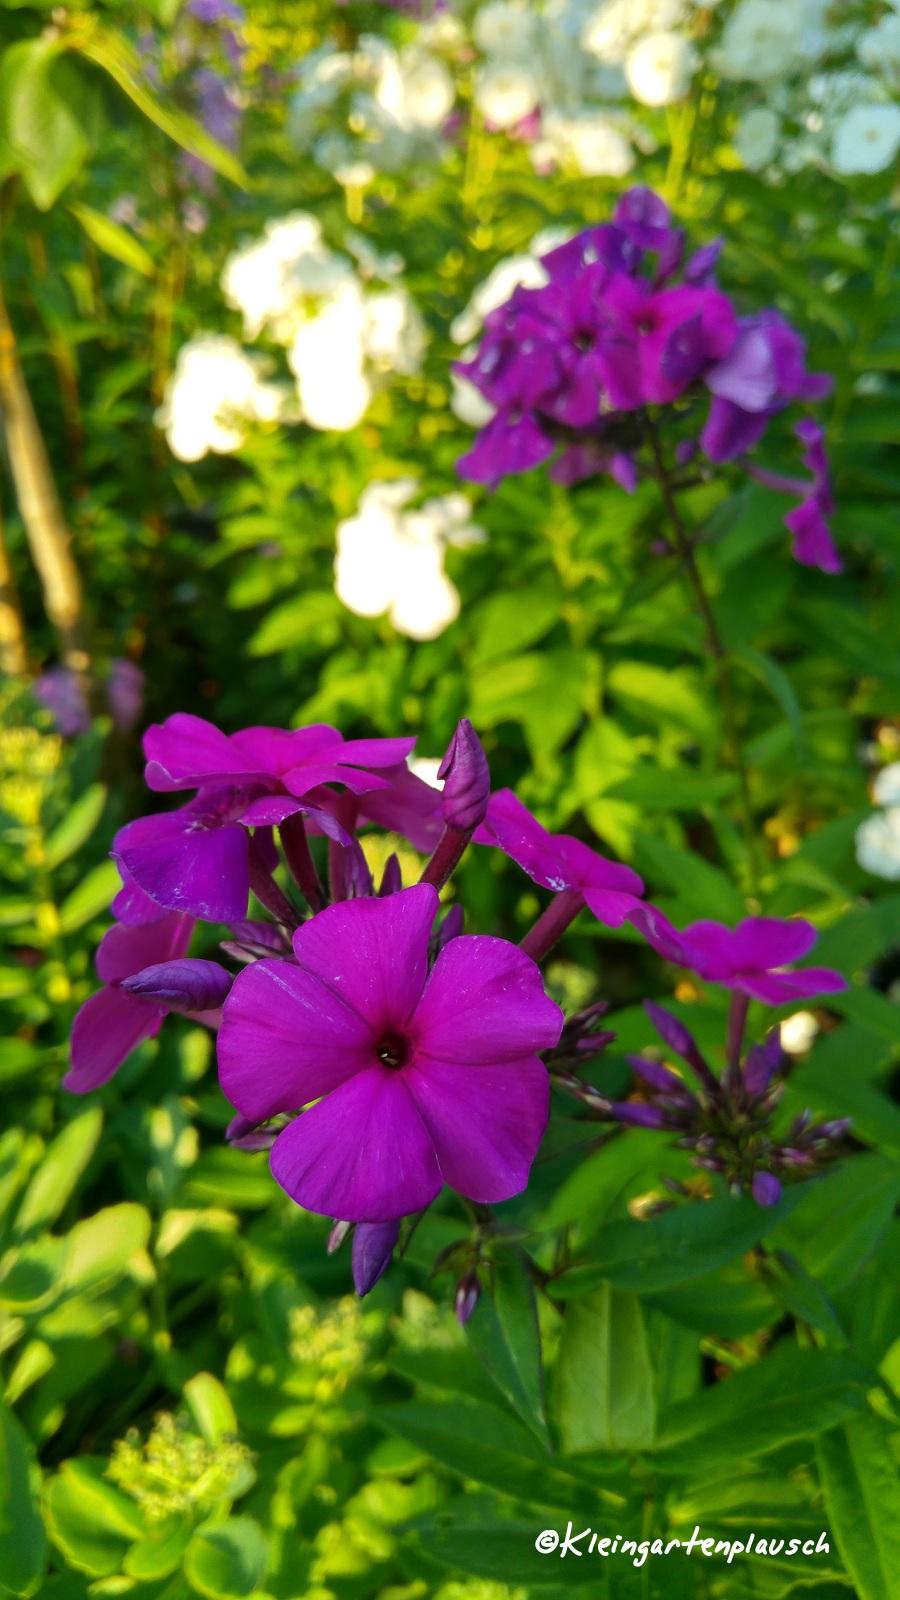 """""""Düsterlohe"""" - eine alte Karl Foerster- Sorte, due als besonders schön und robust gilt. Hier im Garten muss er sich noch richtig etablieren, lautet mein Gefühl, aber seine Farbe ist wirklich besonders intensiv!"""